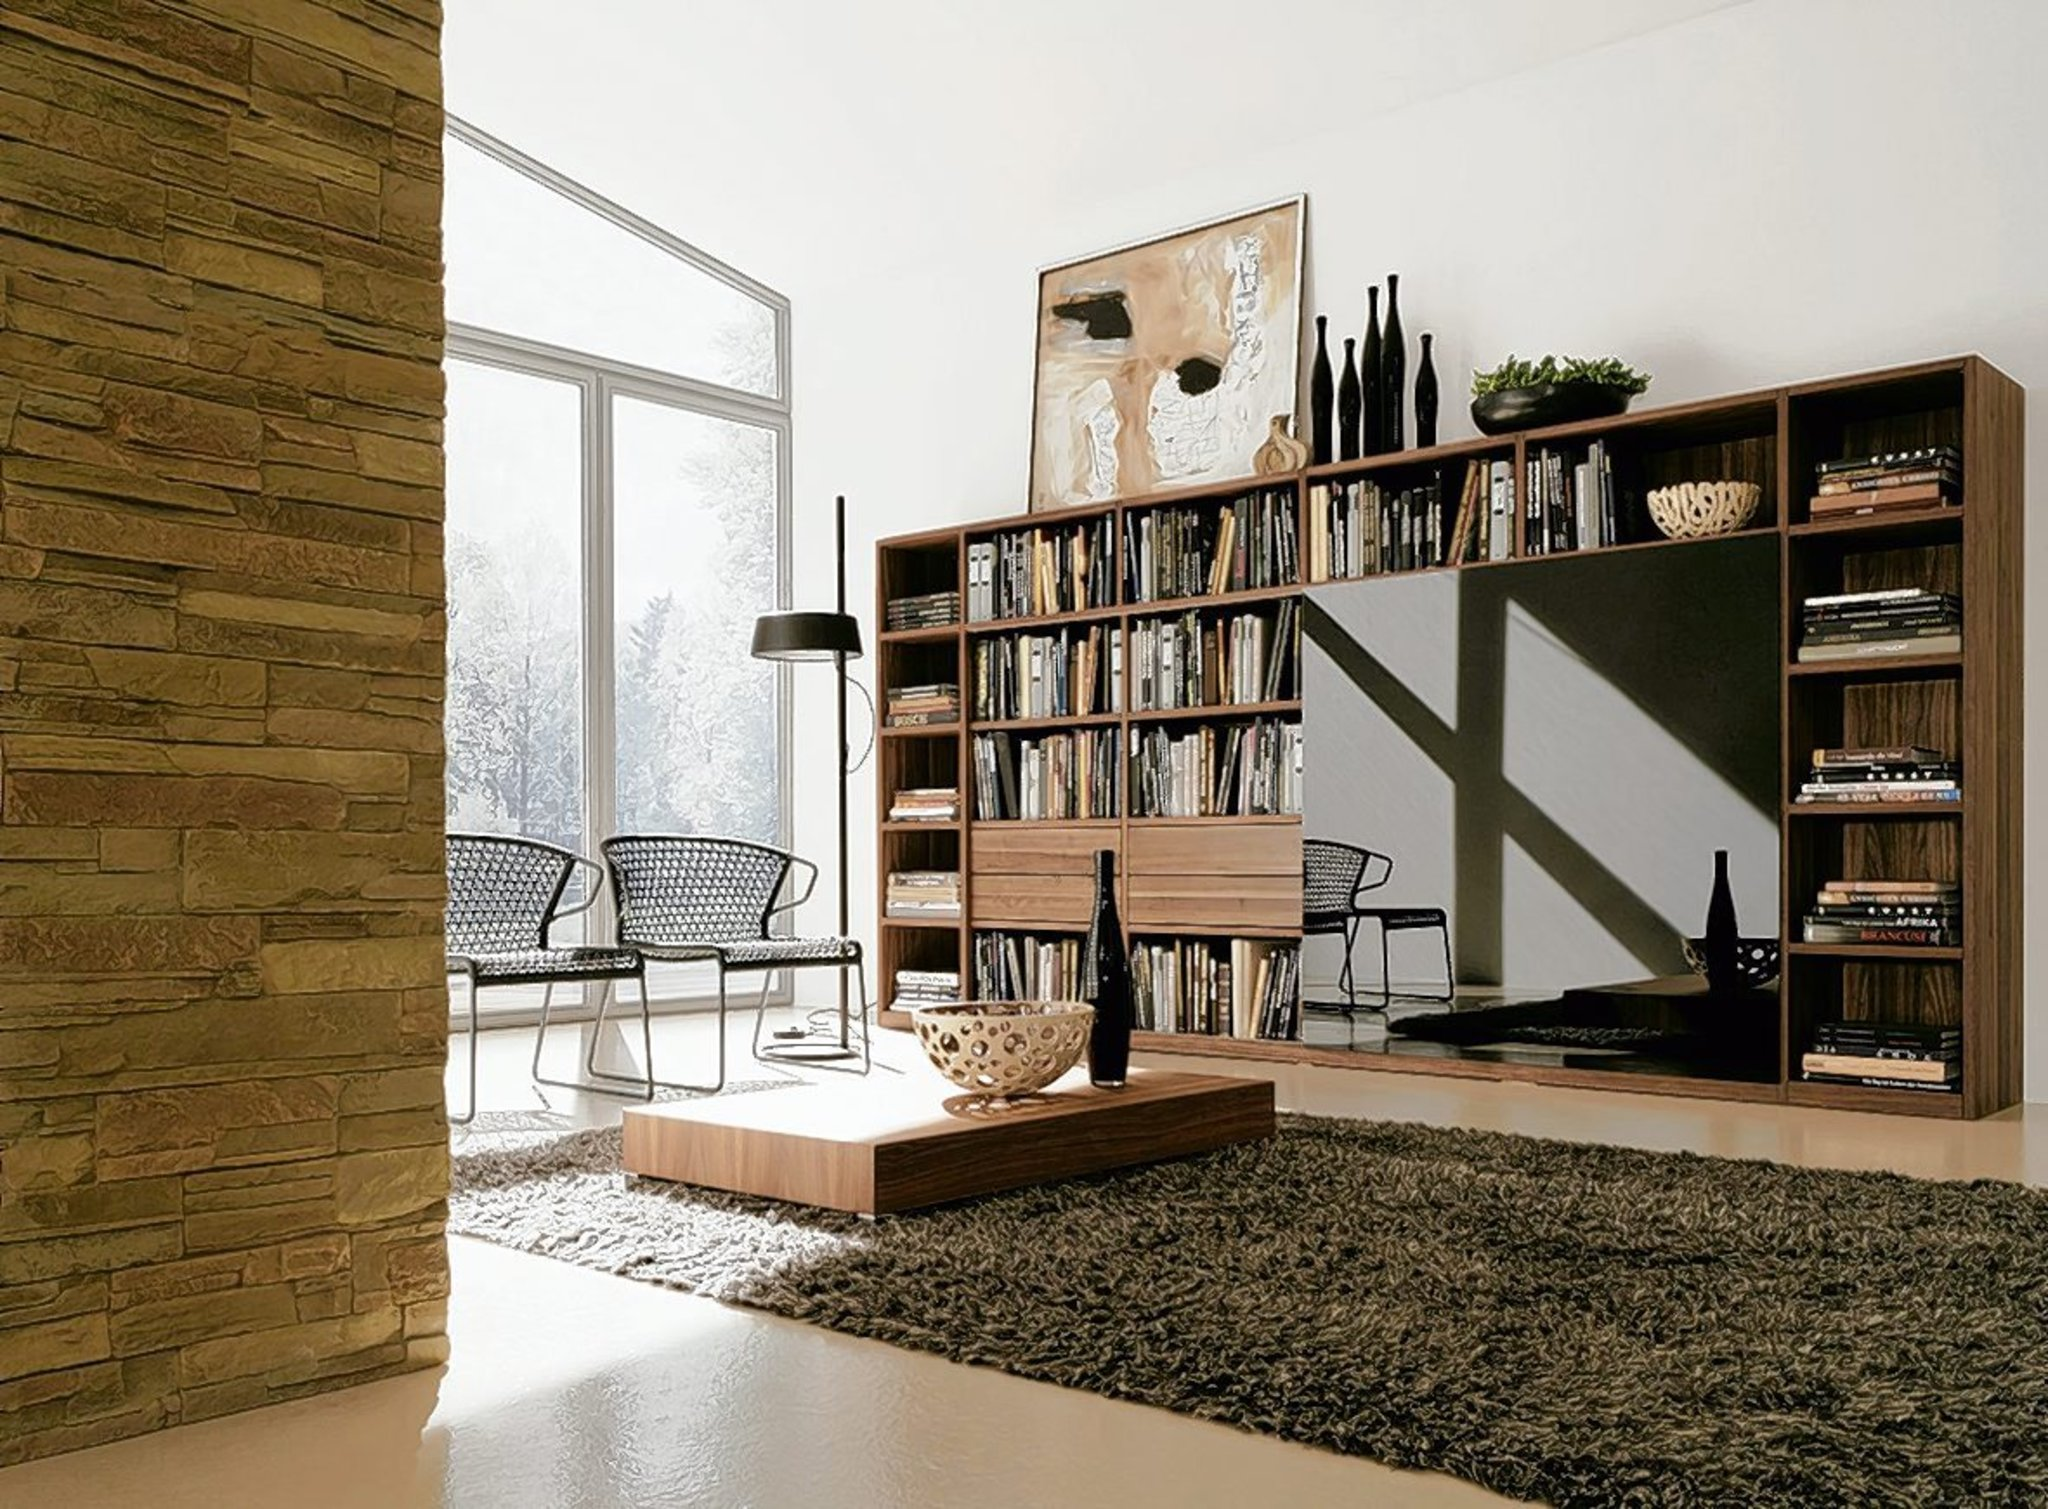 der fernseher wird im schrank versteckt mitte. Black Bedroom Furniture Sets. Home Design Ideas